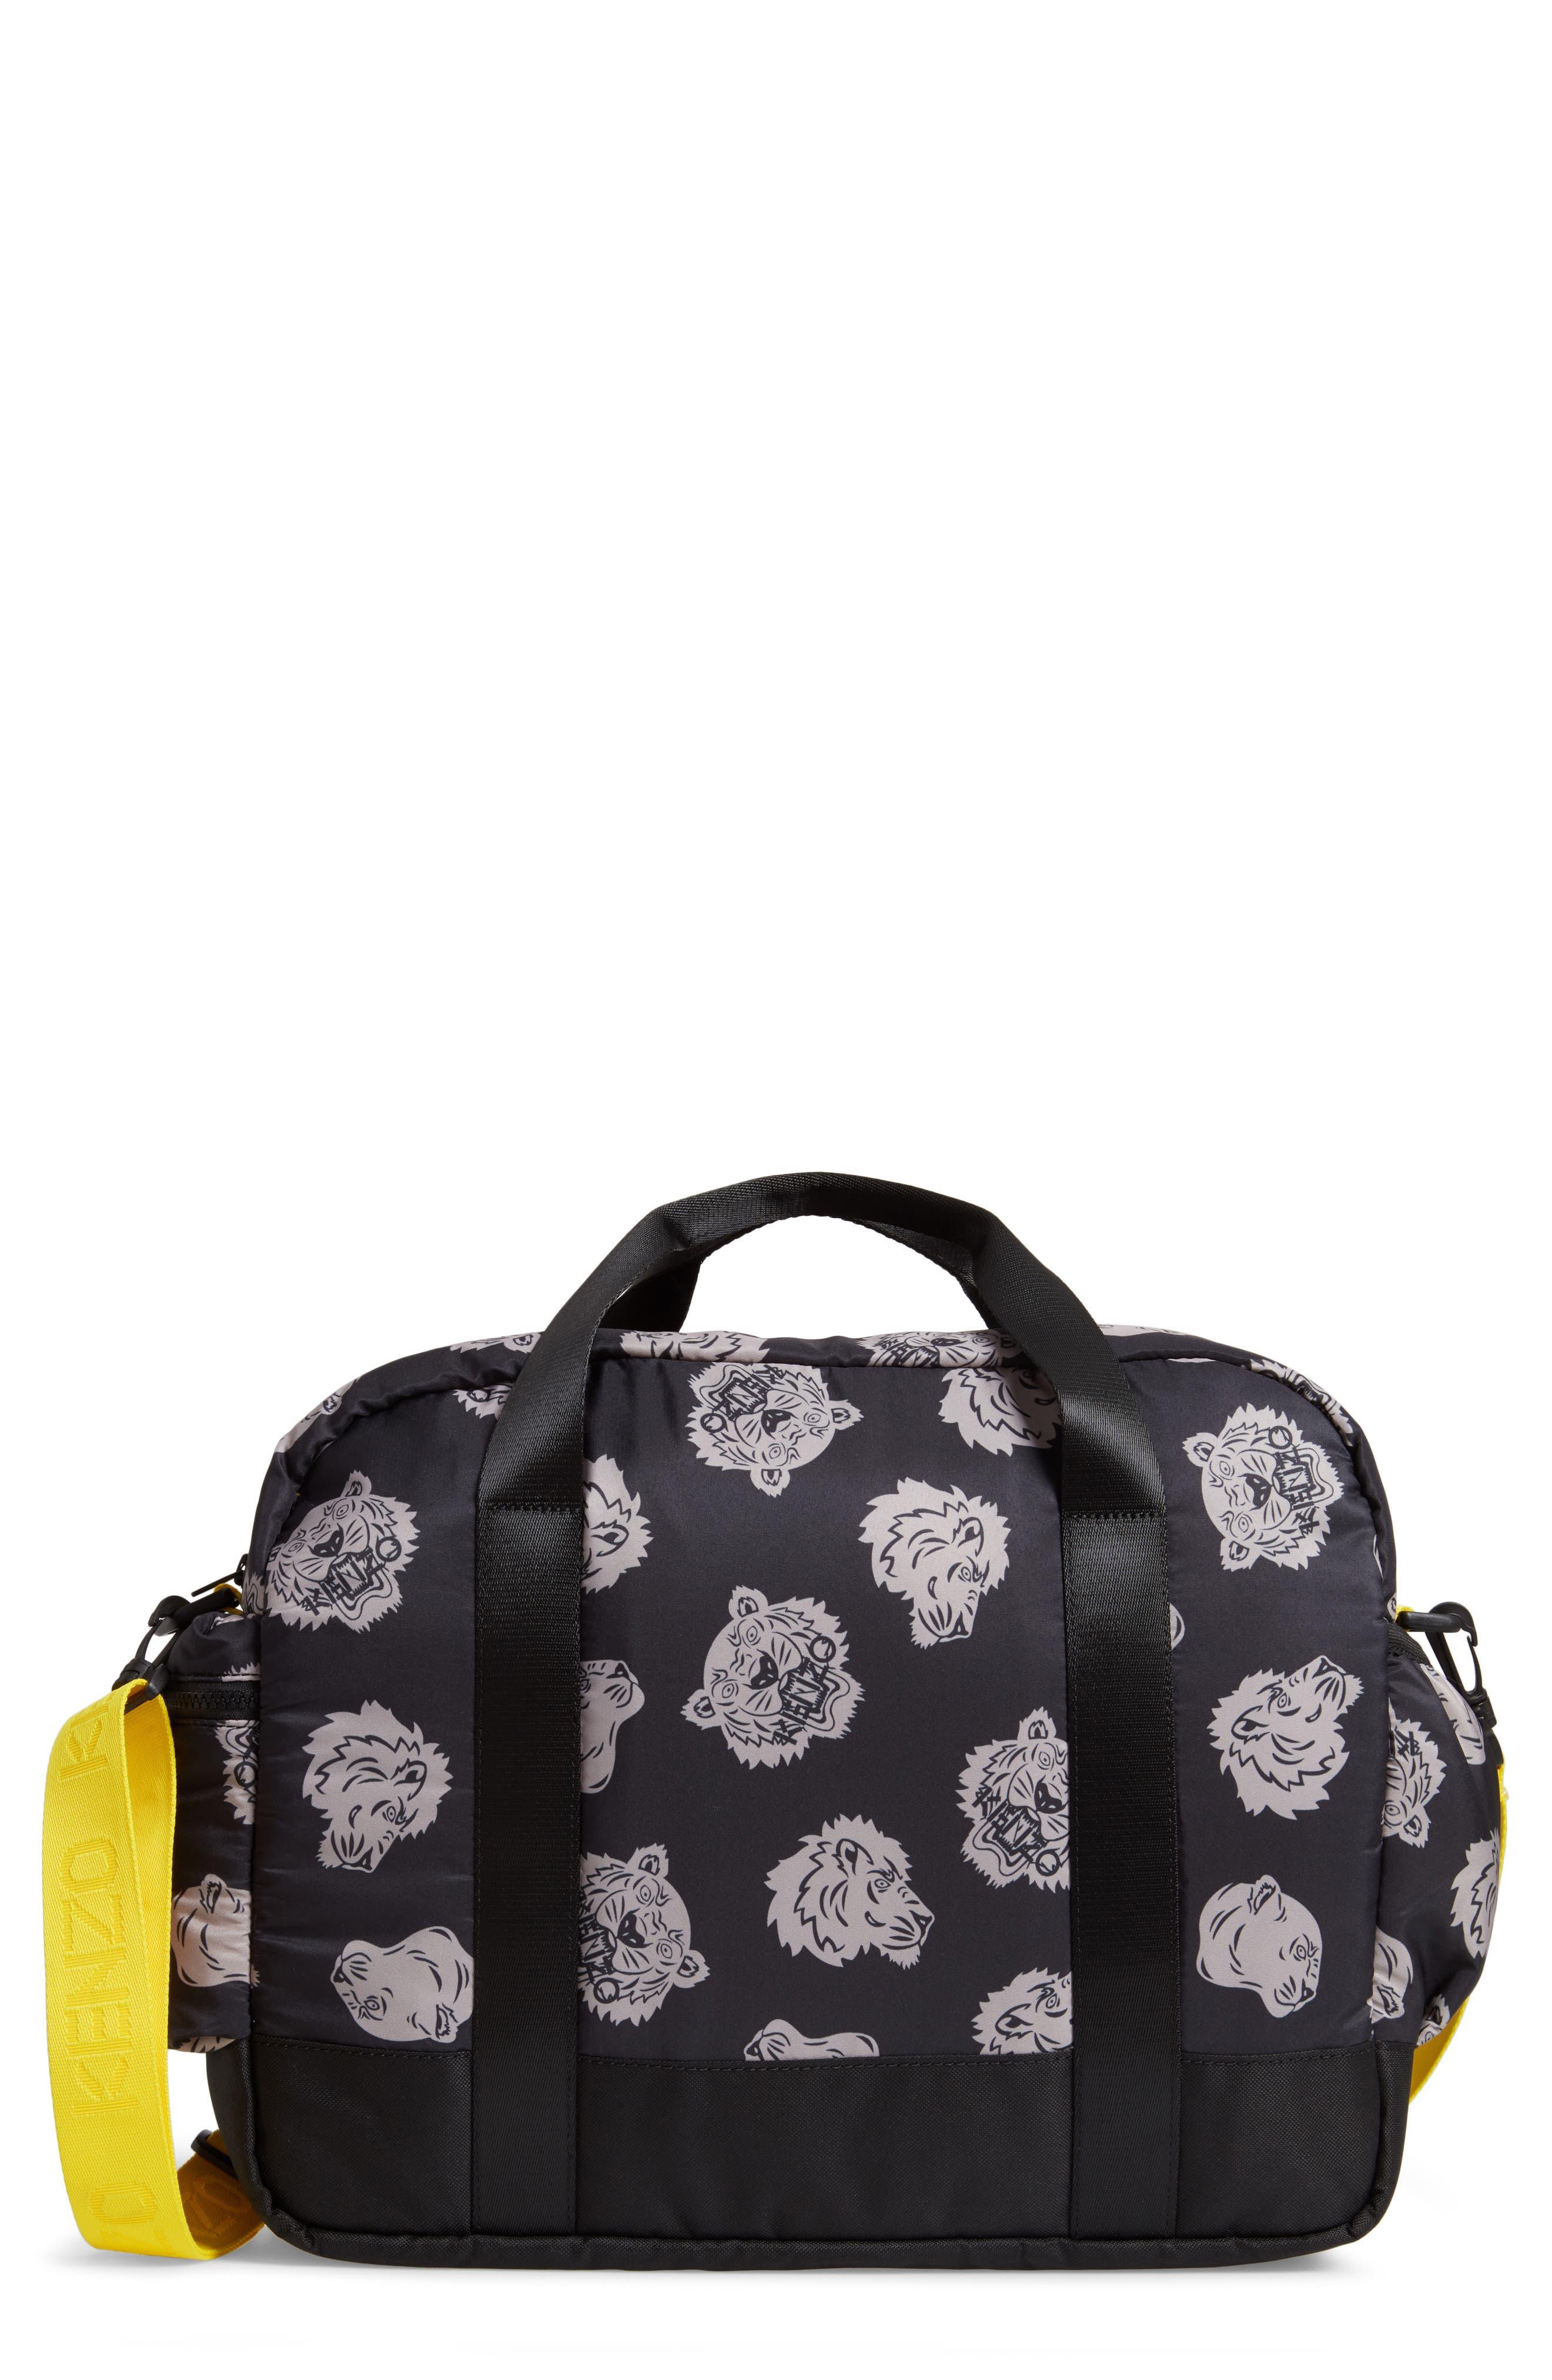 KENZO Diaper Bag, Main, color, 020